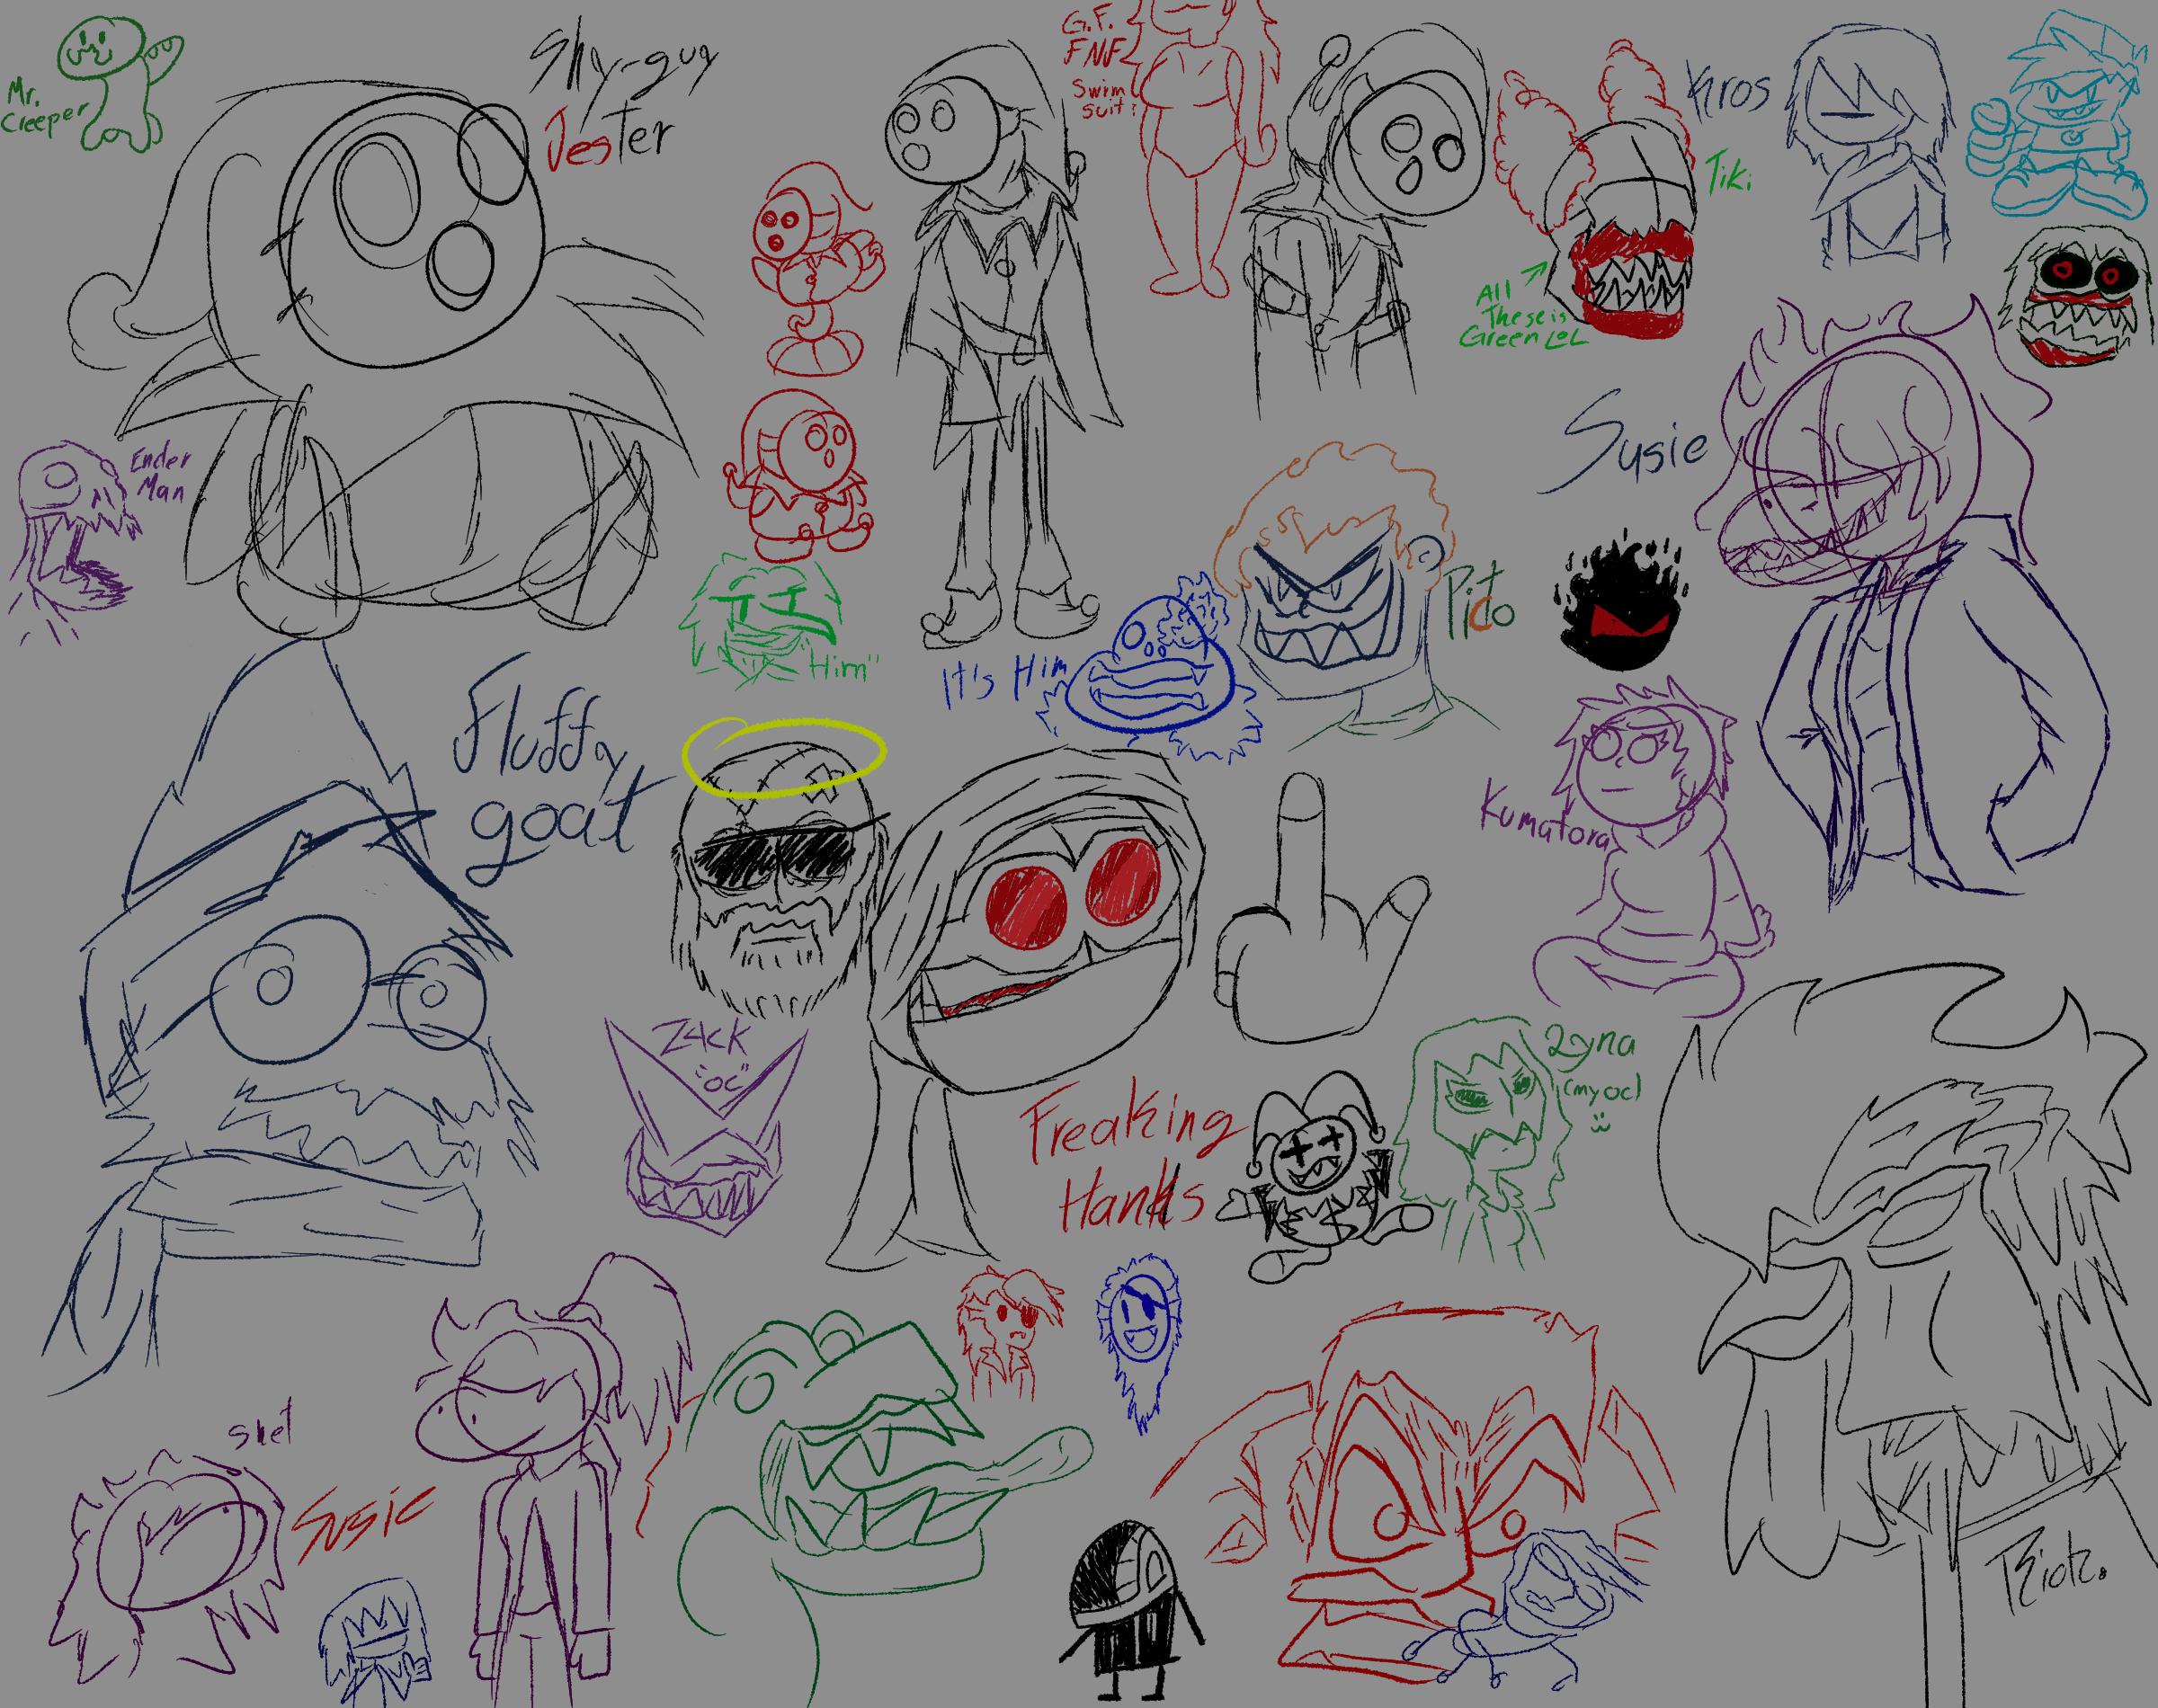 A lot of stuff